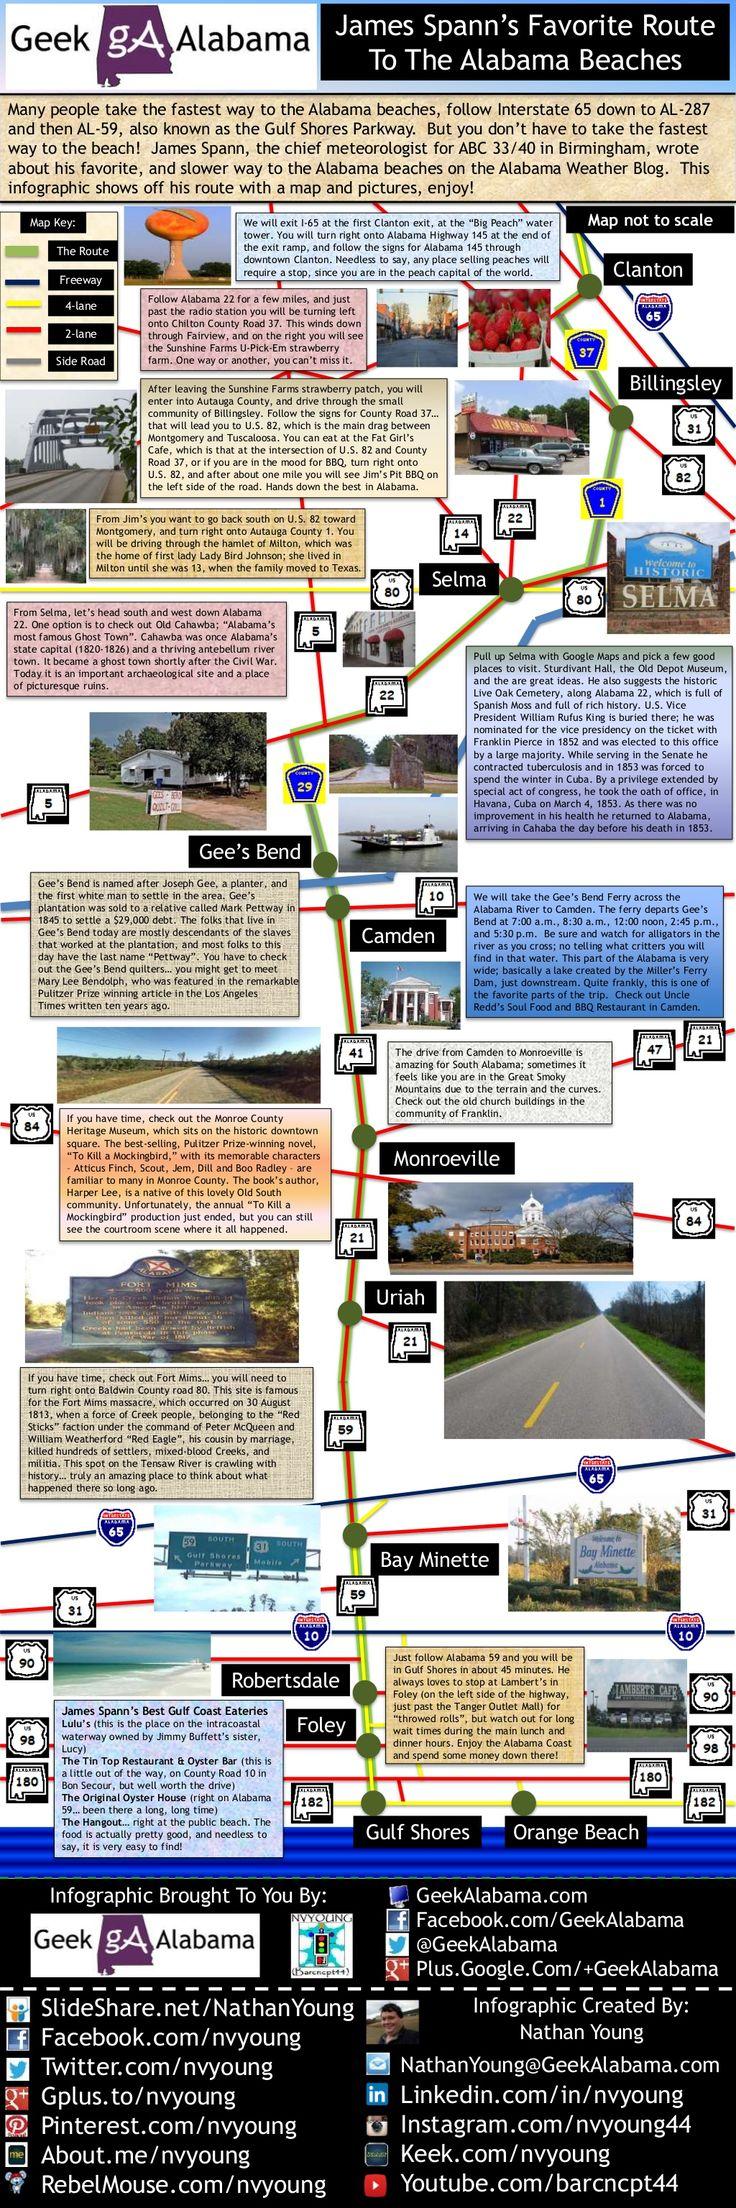 James Spann's Favorite Route To The Alabama Beaches.